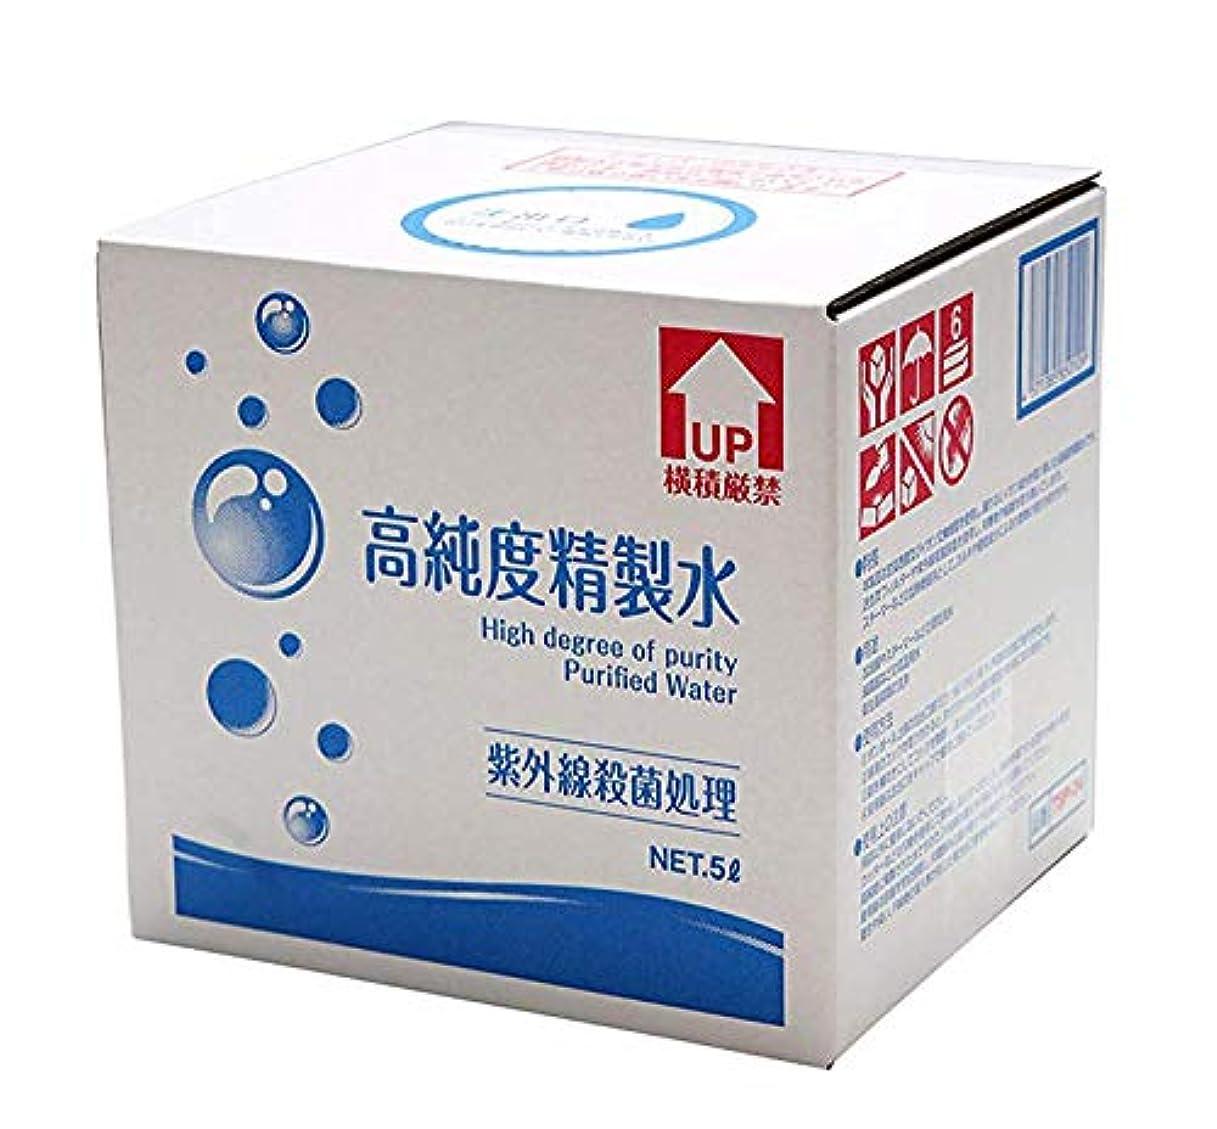 横範囲保証金サンエイ化学 高純度精製水 純水 5L×4箱 コック付き 【スチーマー 加湿器 CPAP 呼吸器 美顔器 エステ 歯科】